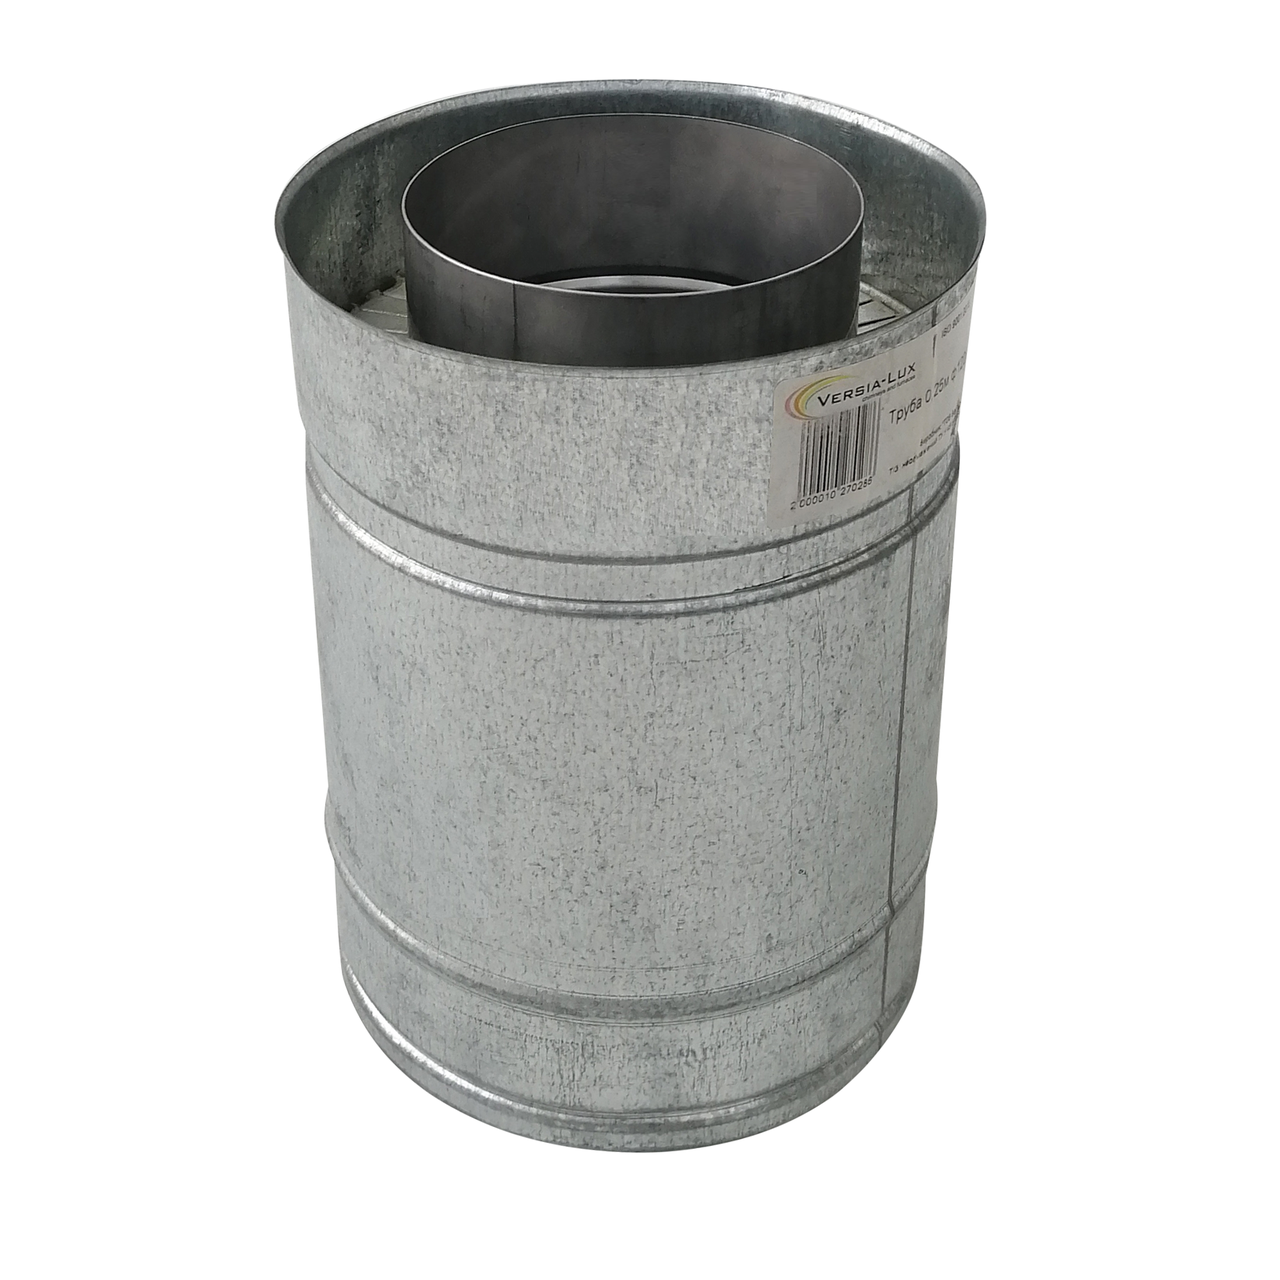 Труба дымоходная сэндвич d 230 мм; 0,5 мм; AISI 304; 25 см; нержавейка/оцинковка - «Версия Люкс»